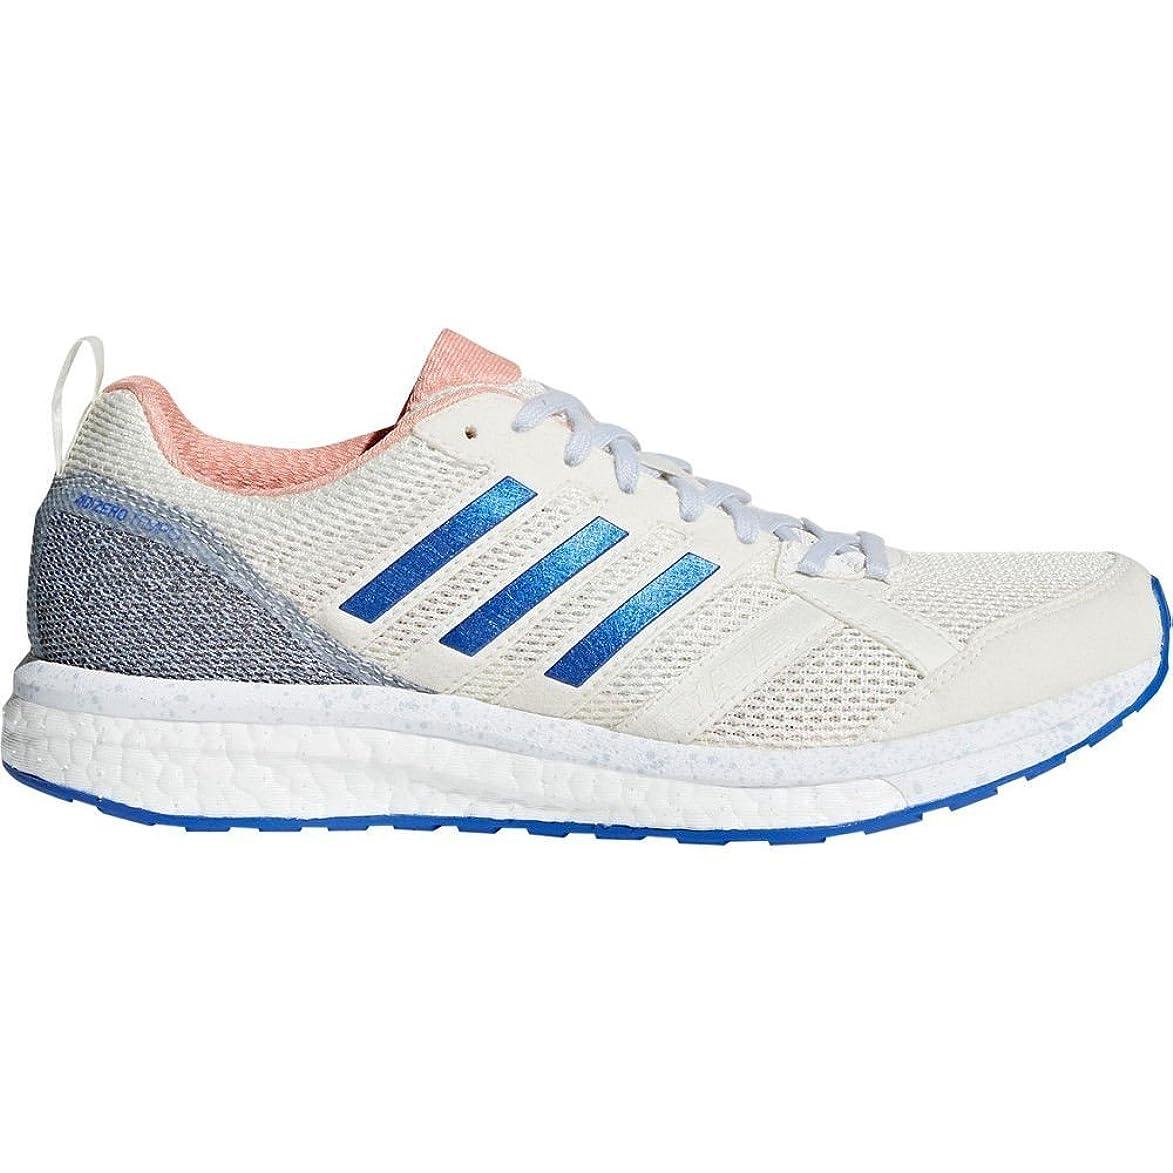 振る舞う主張ドメイン(アディダス) adidas レディース ランニング?ウォーキング シューズ?靴 Adizero Tempo 8 Running Shoes [並行輸入品]